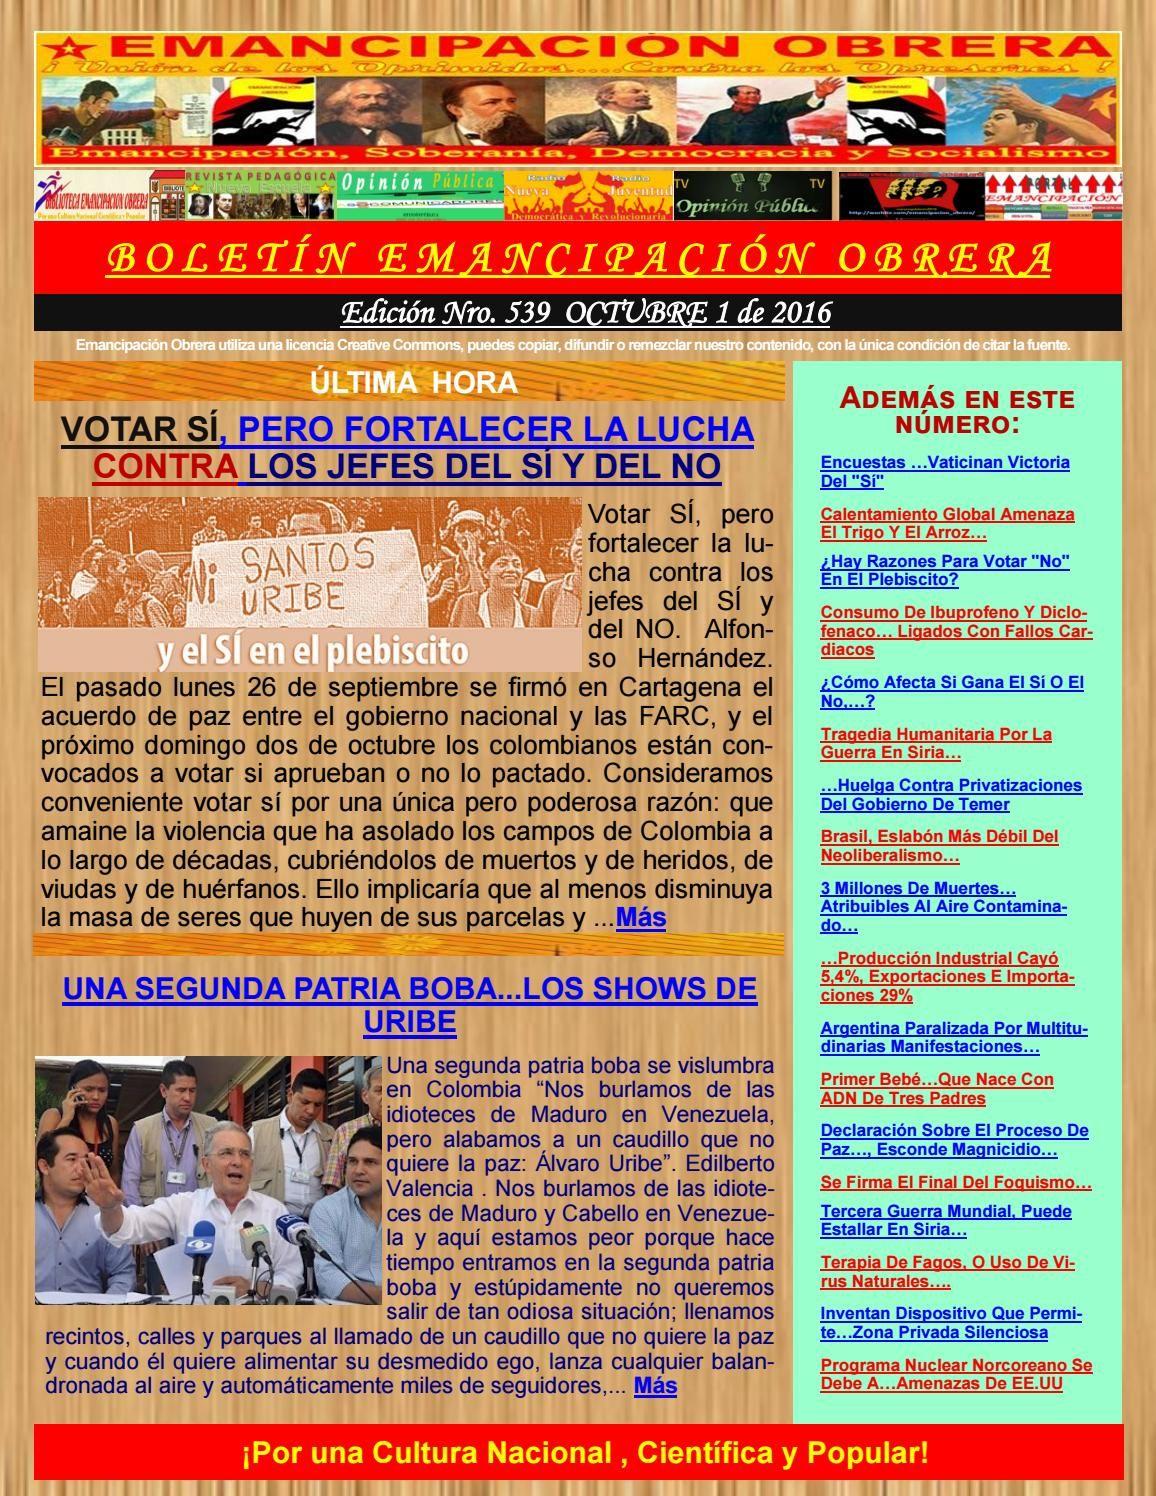 Boletin emancipación obrera n° 539 octubre 1 de 2016  Medio Alternativo Independiente de Noticias, Análisis, Opinión, Ciencia y Cultura. Guillermo Molina Miranda.